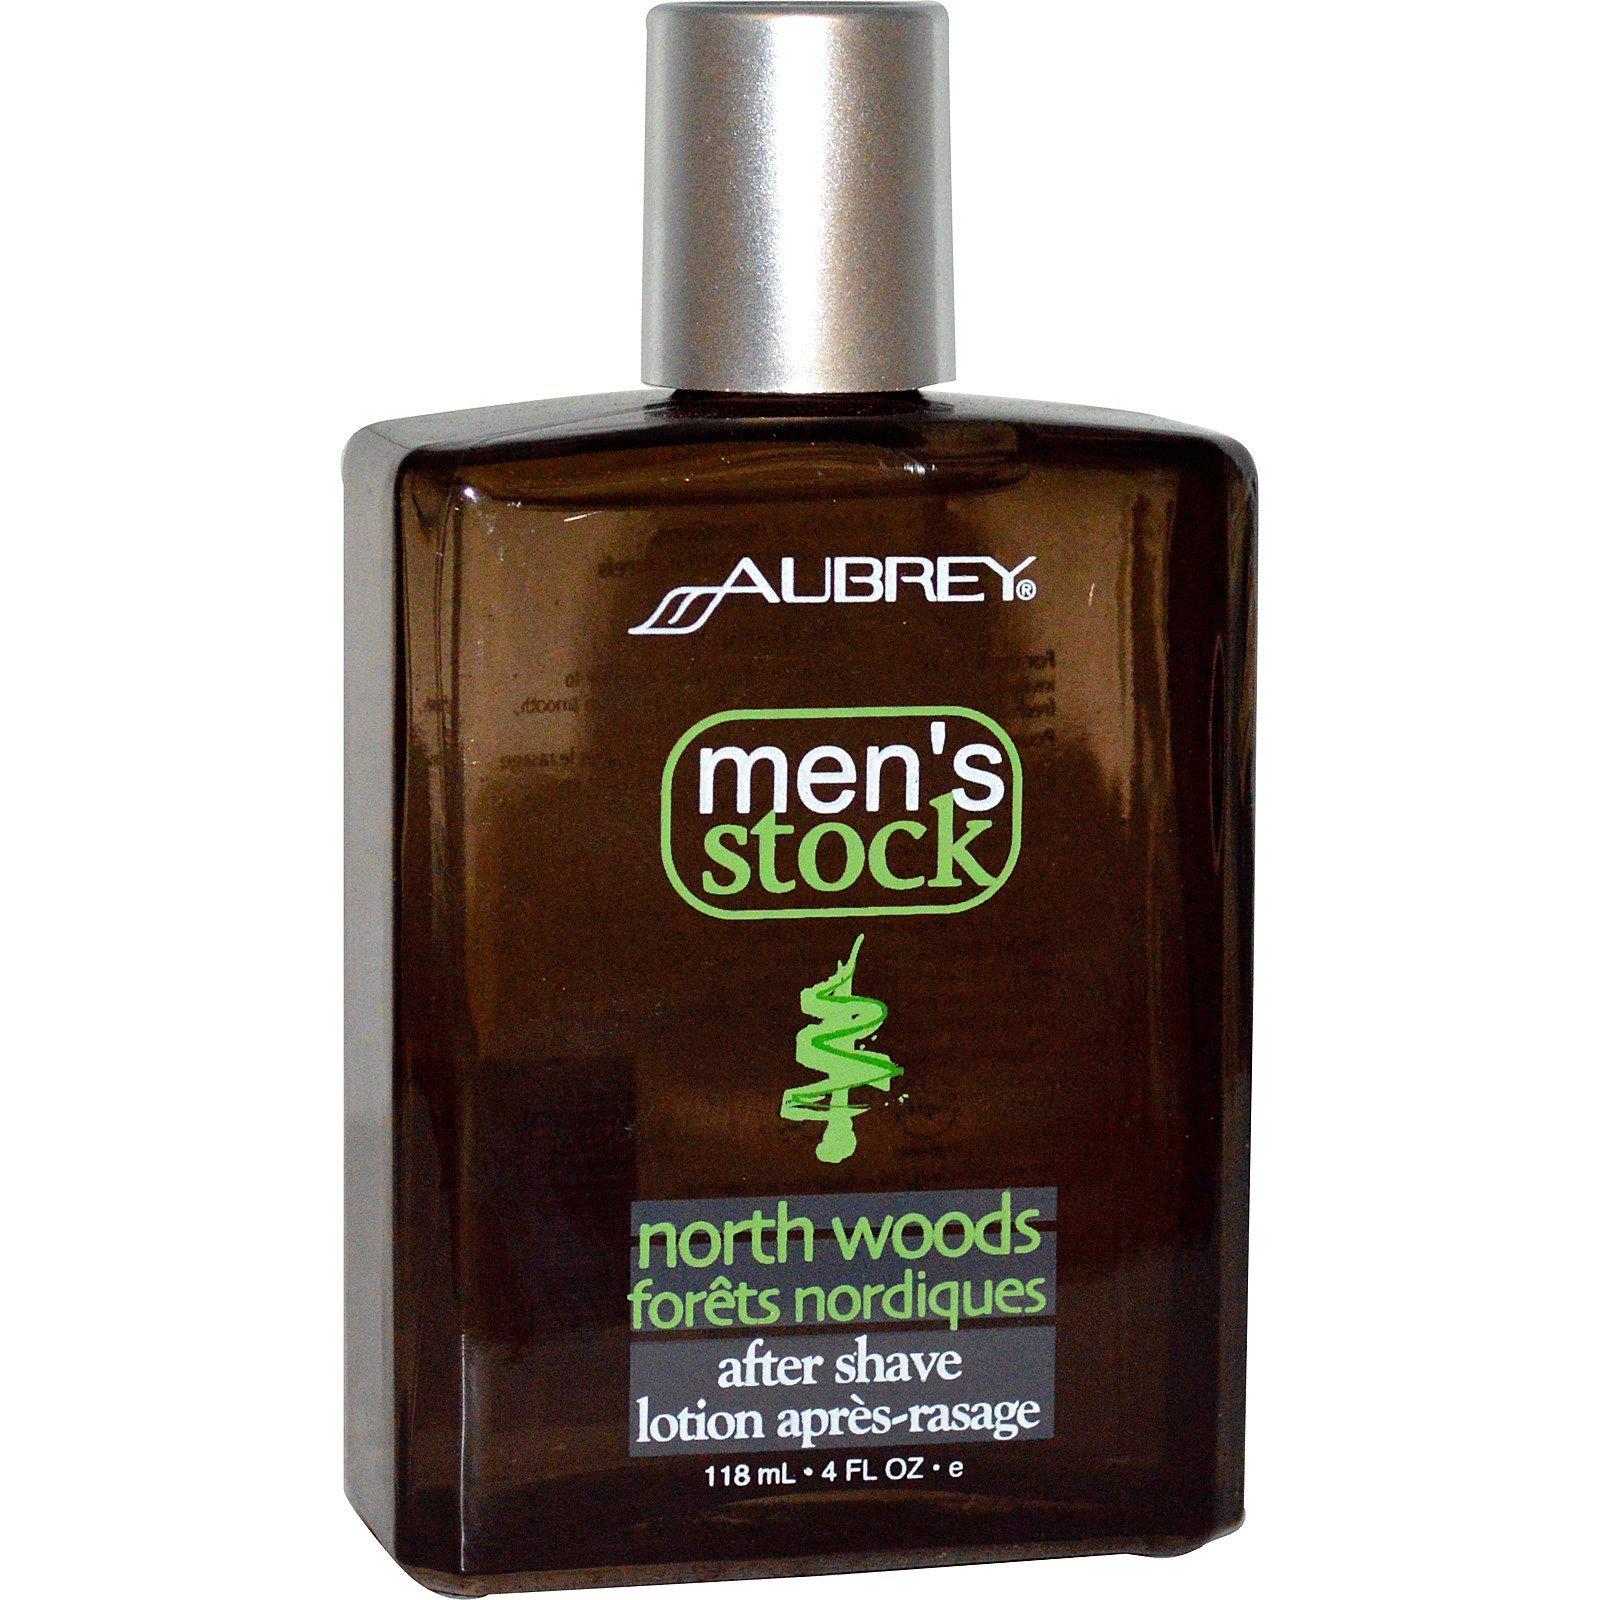 Aubrey Organics, Men's Stock, бальзам после бритья North Woods, классическая сосна, 4 жидкие унции (118 мл)